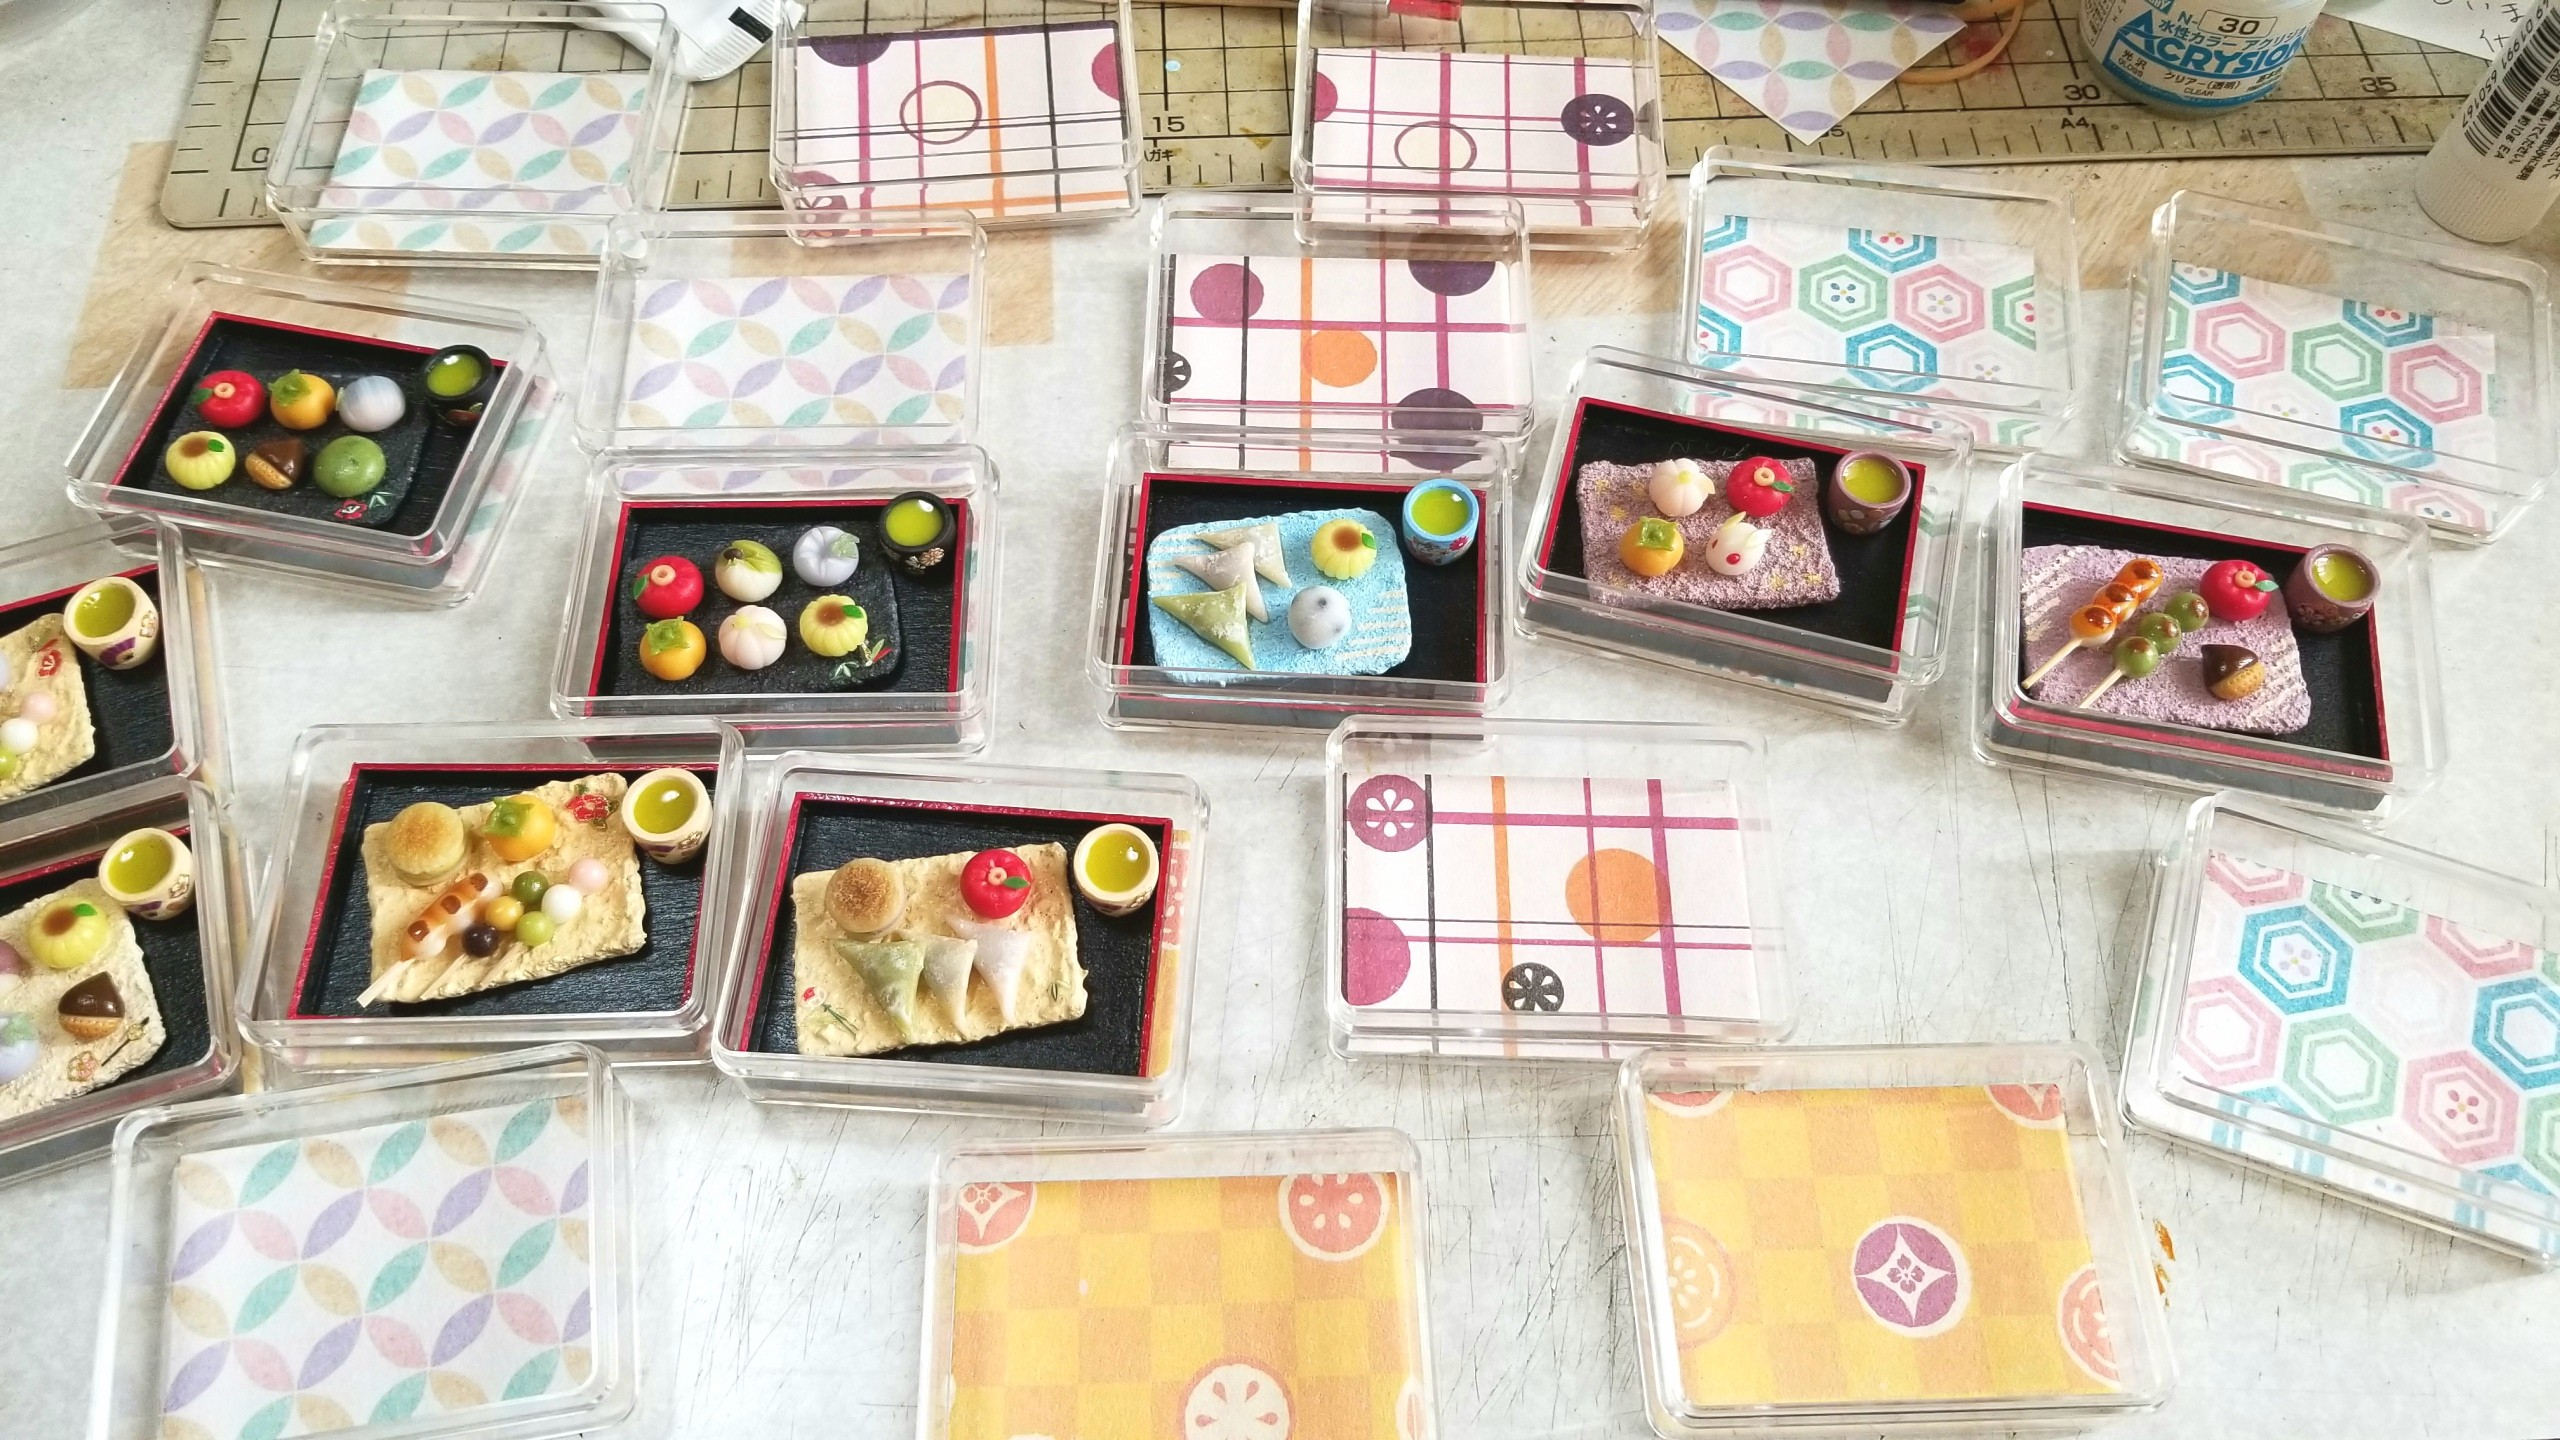 クリアケース,和菓子,土台,作り方,ミニチュア,折り紙,千代紙,手作り